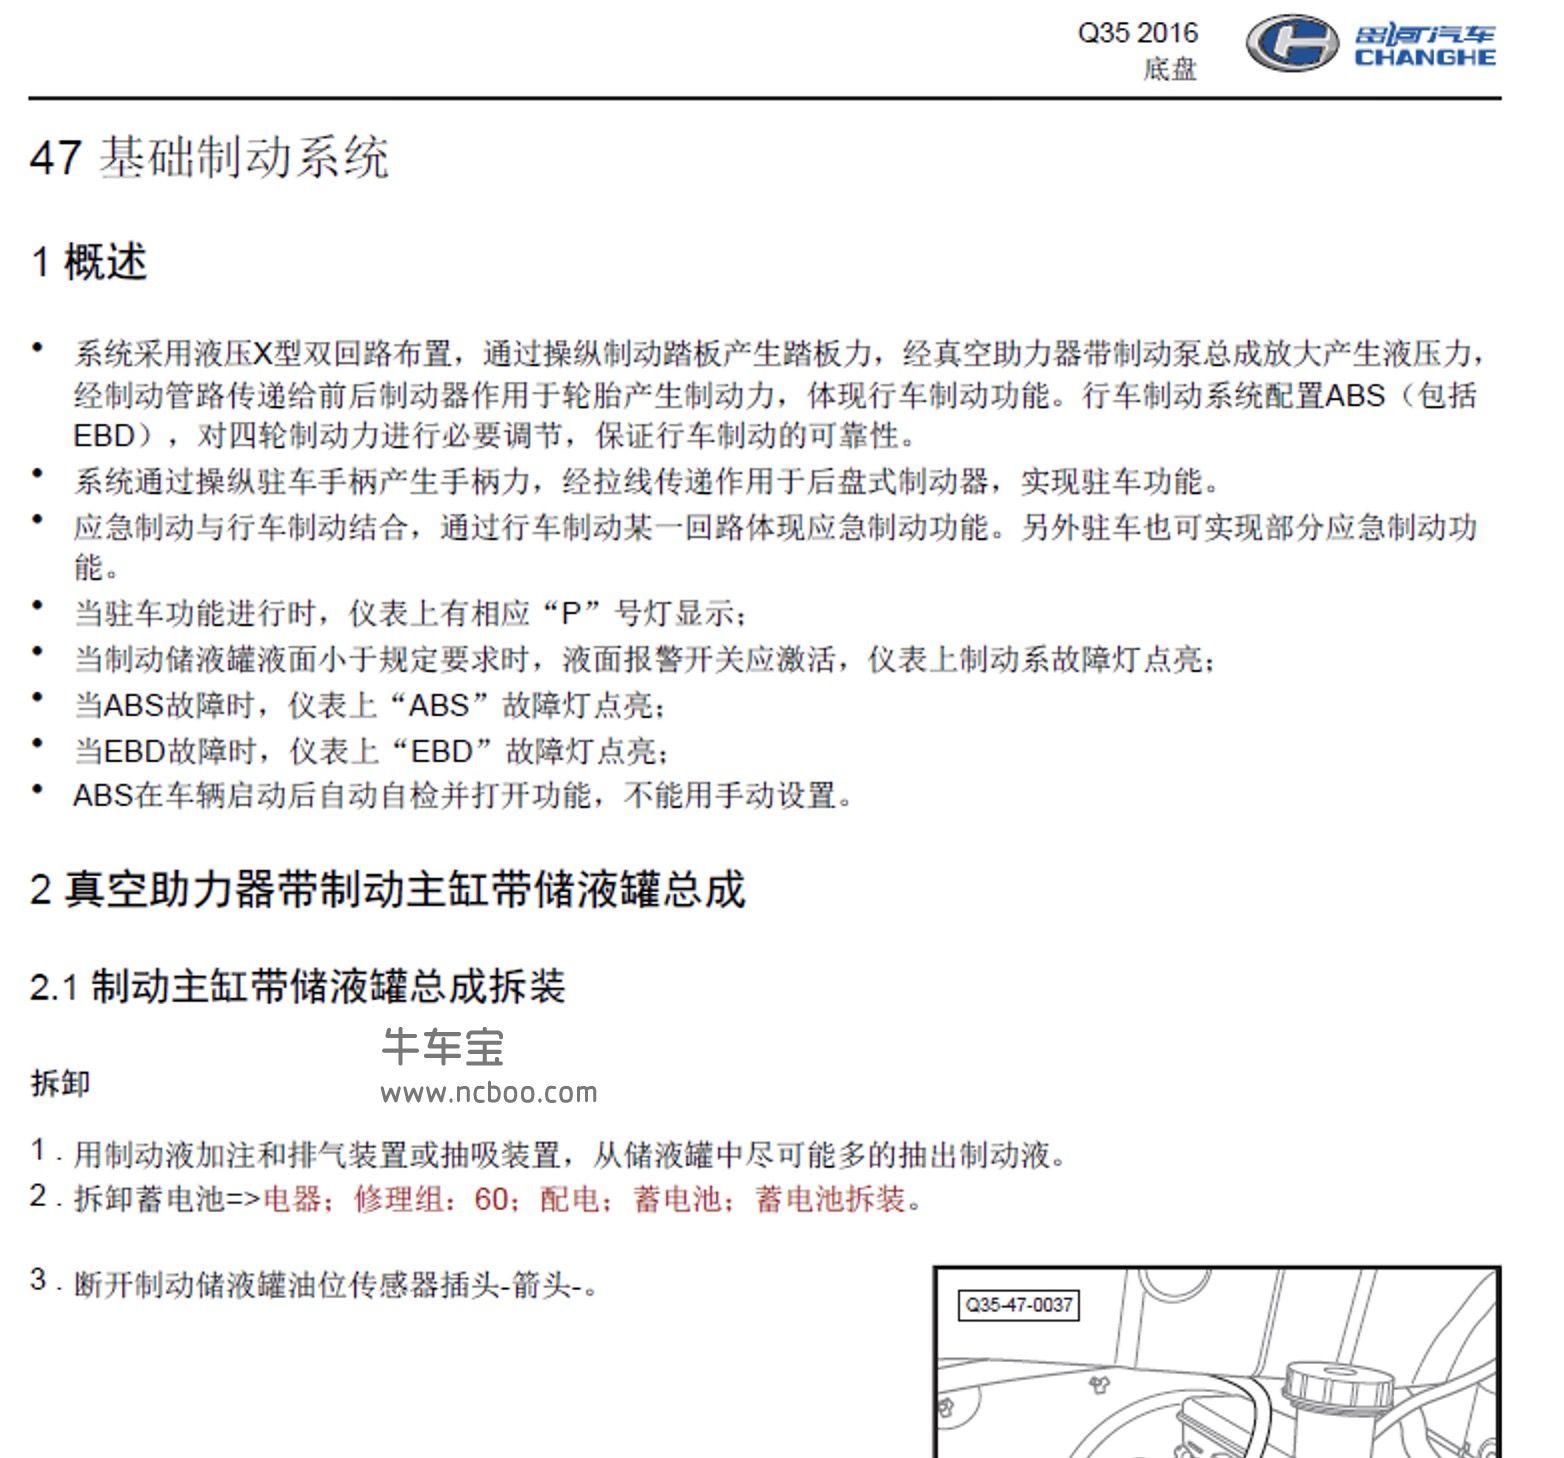 2016-2019款昌河Q35原厂维修手册和电路图下载